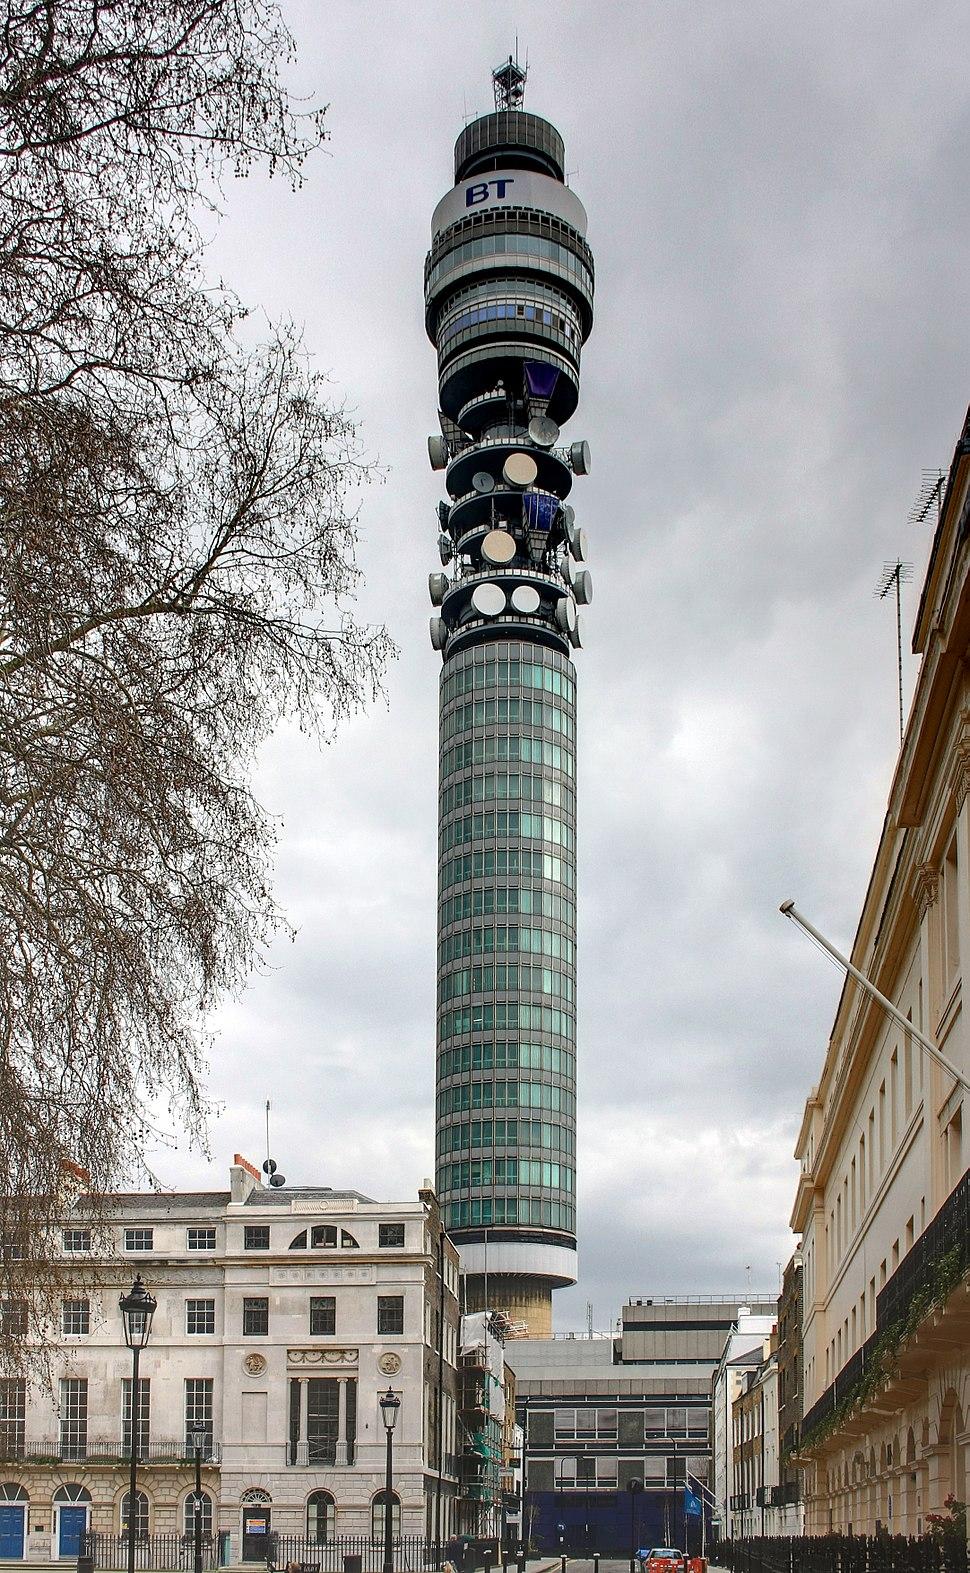 BT Tower-1